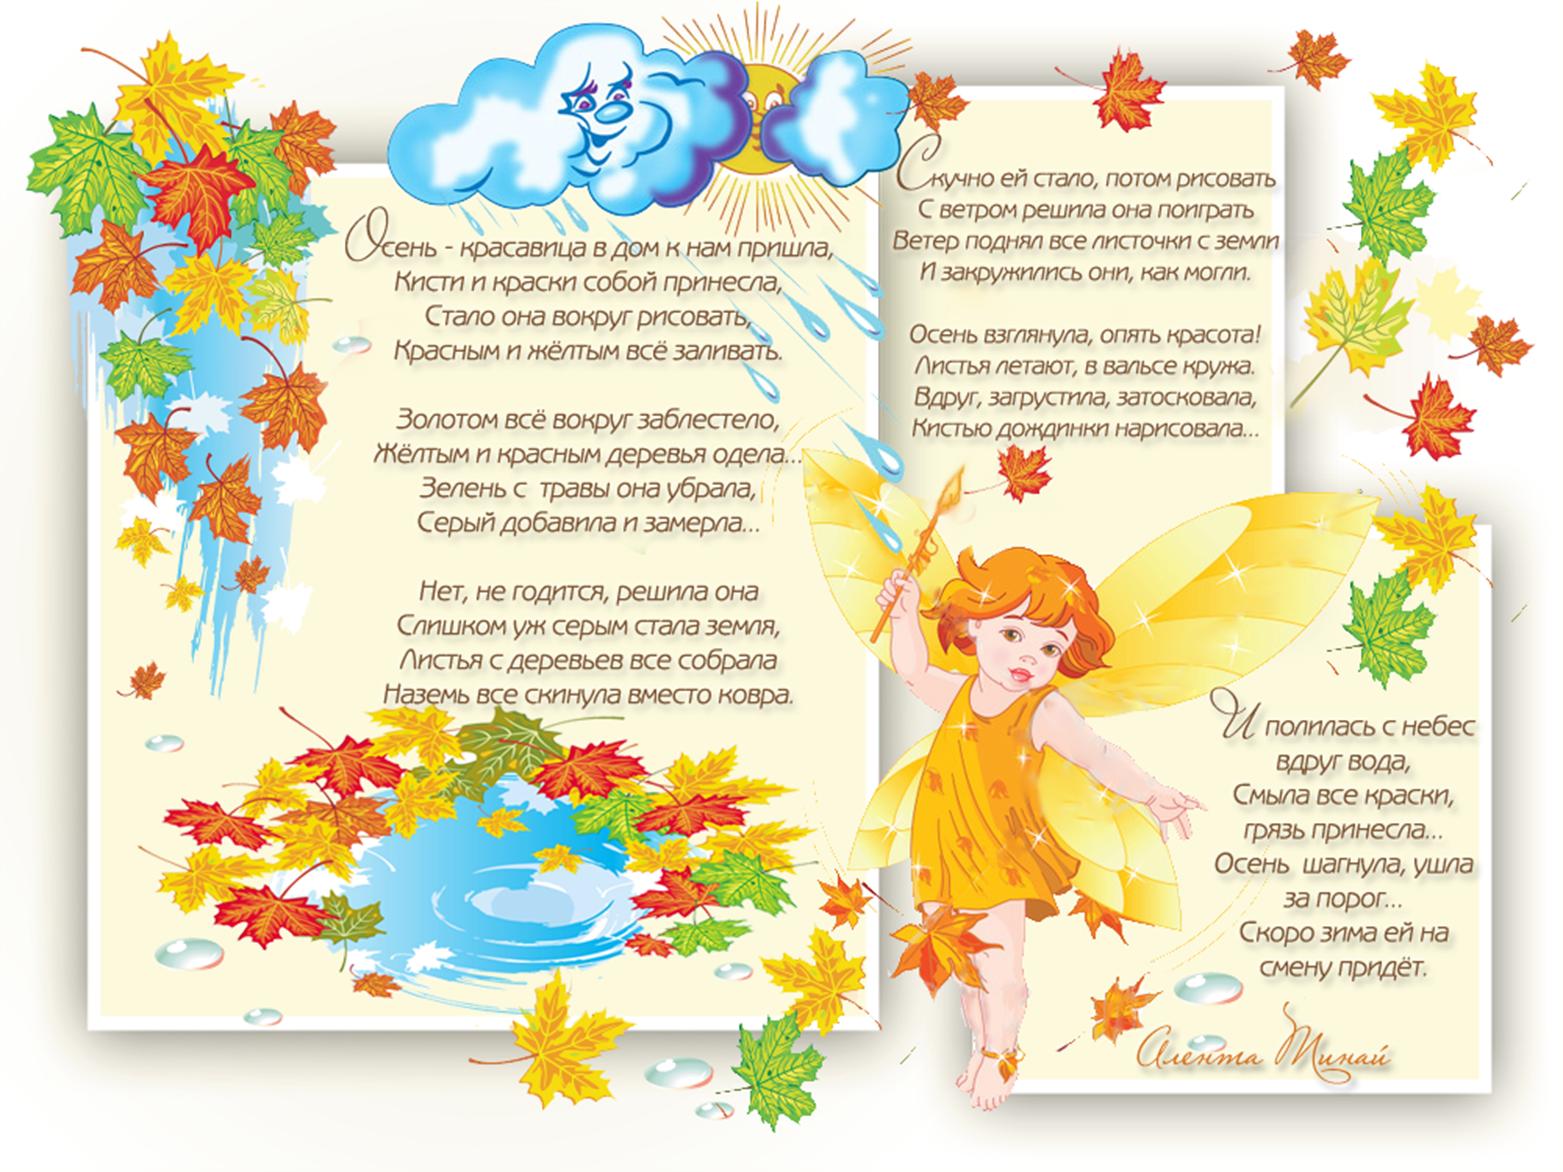 приложу картинки и красивый стих про нашу осень юго-востоке